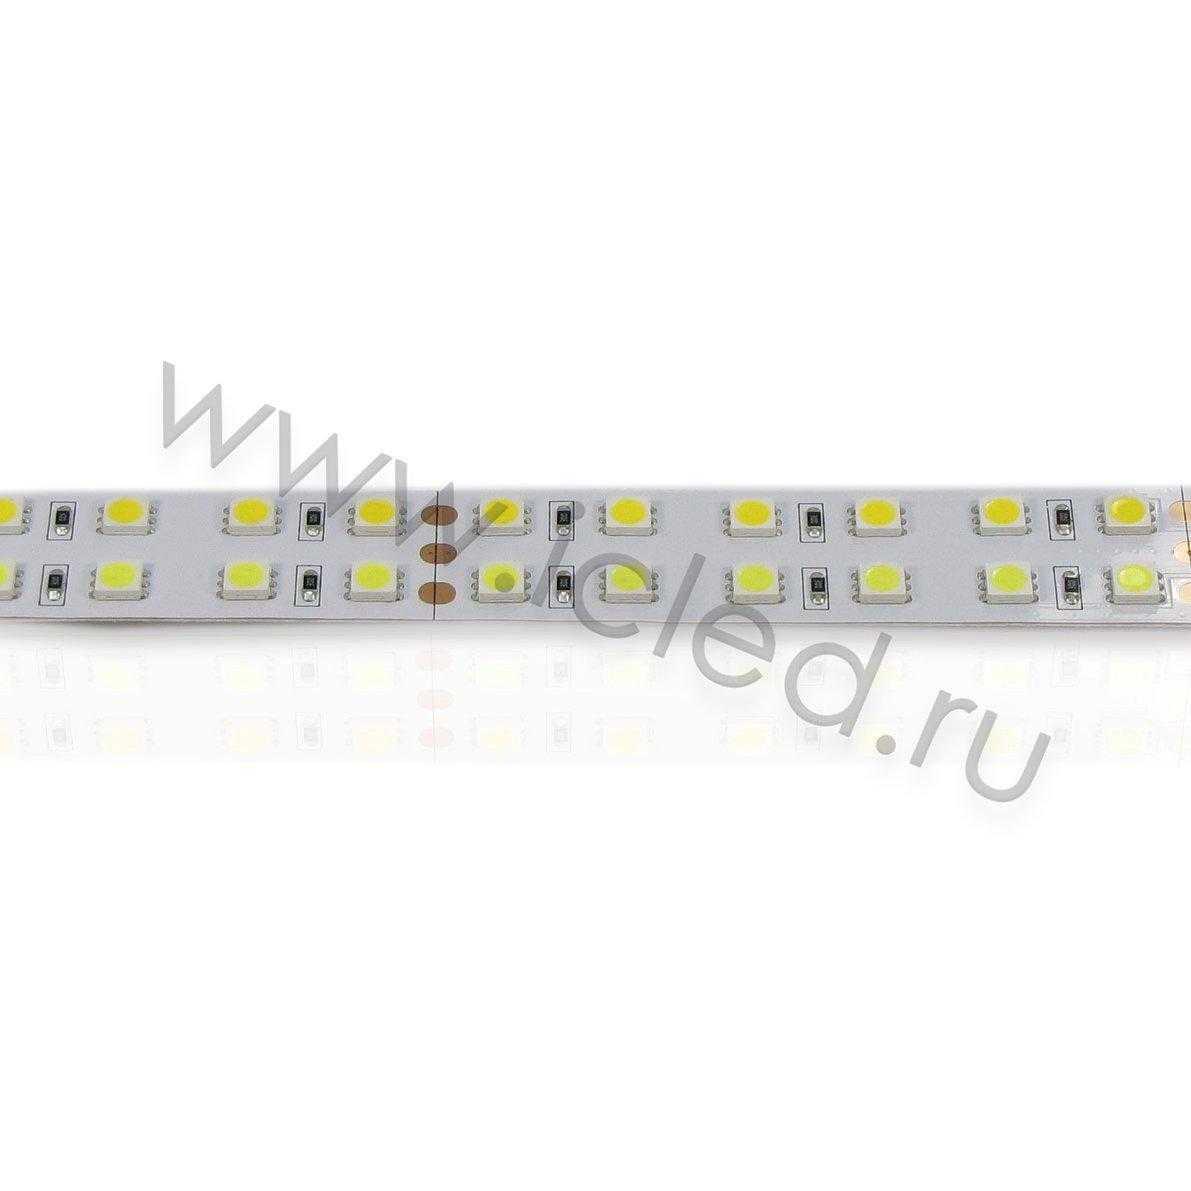 Светодиодная лента Class B, 5050, 144 led/m, MIX, 24V, IP33